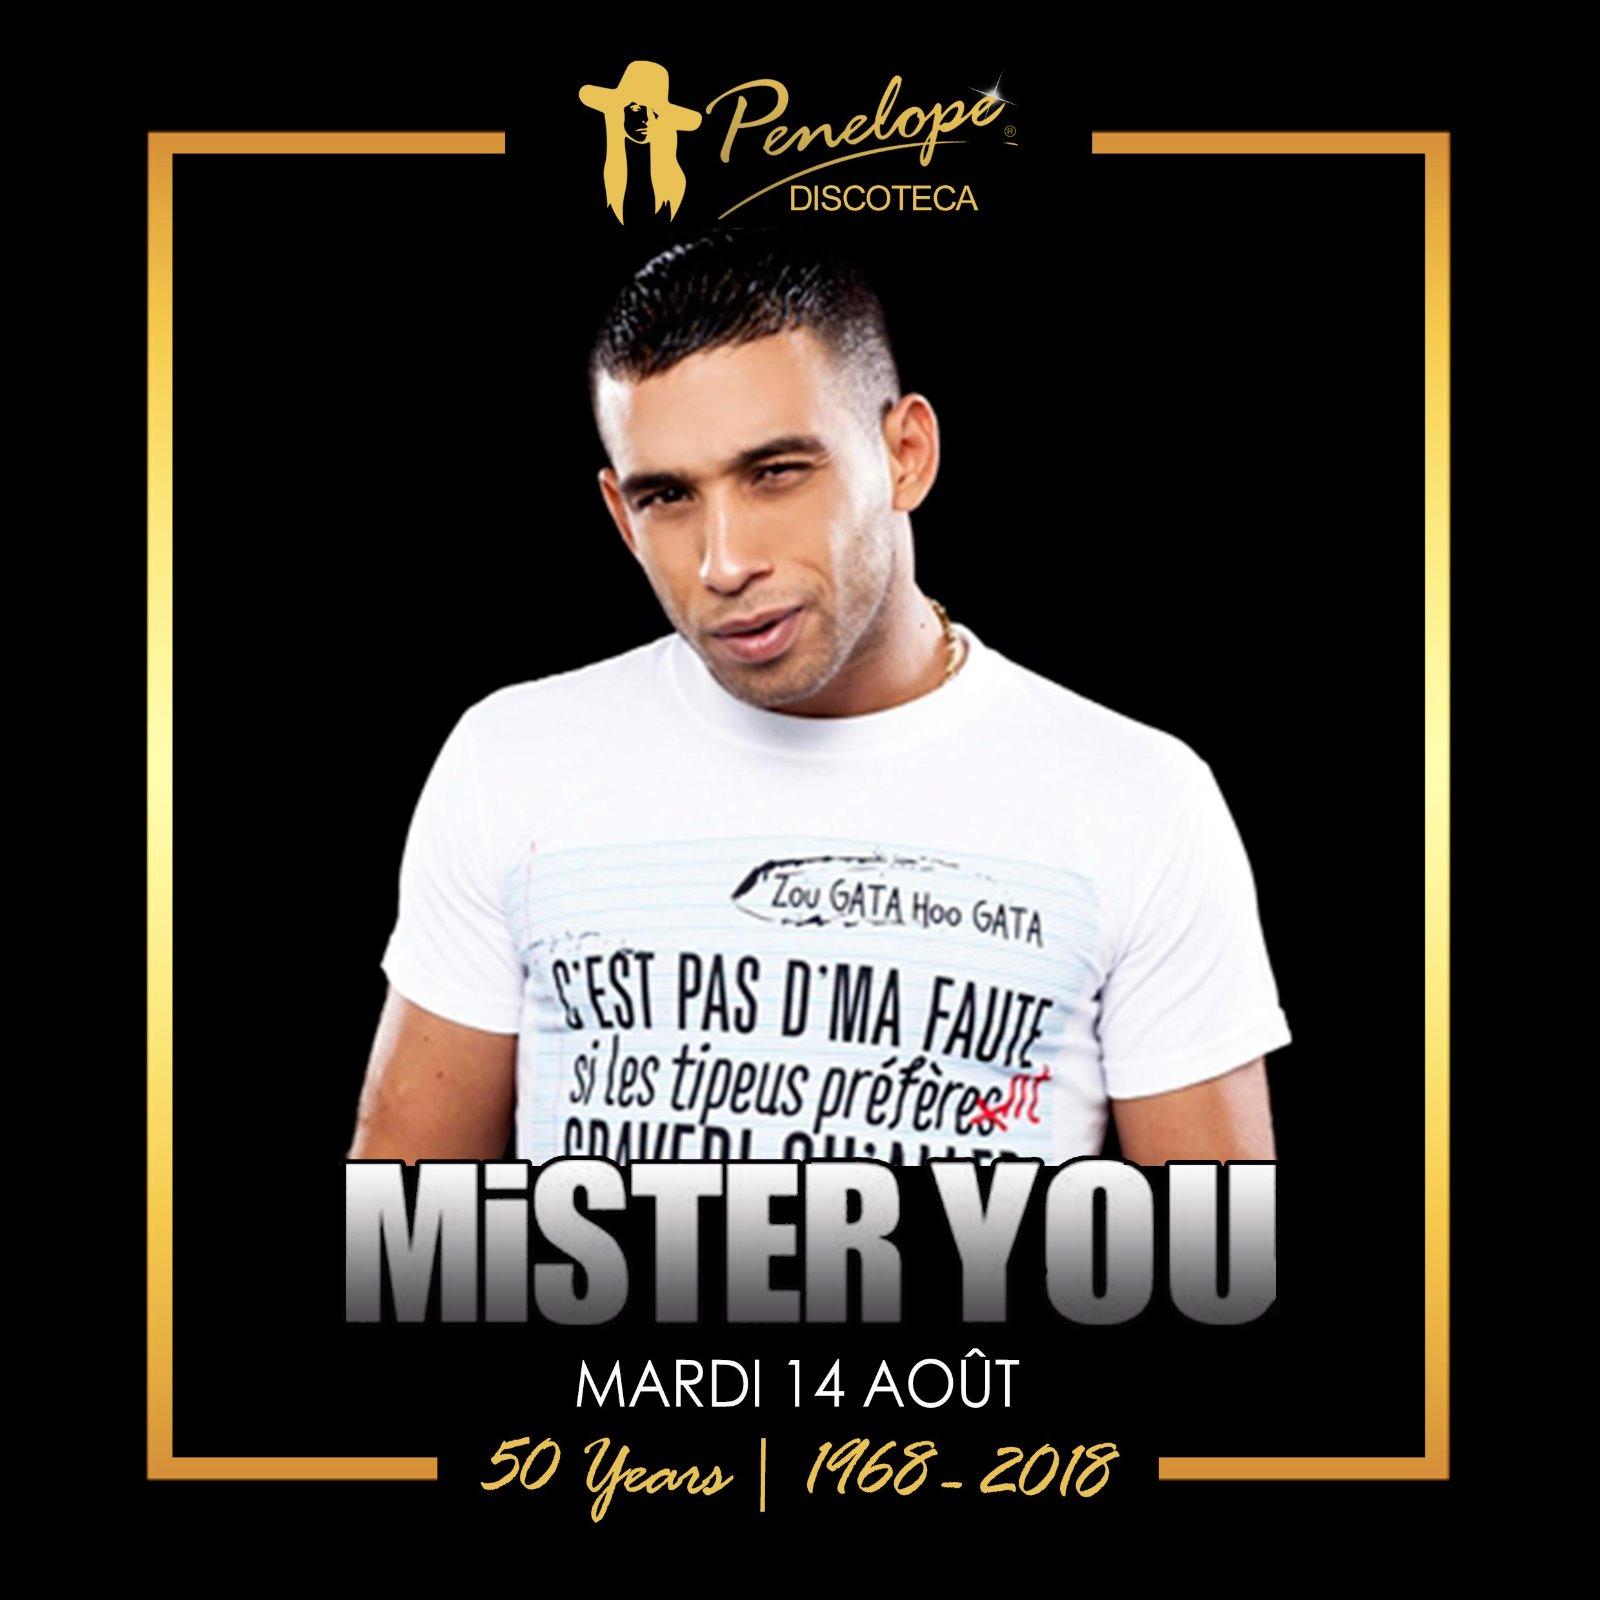 mister-you-en-penelope-benidorm-5b6d5b0f